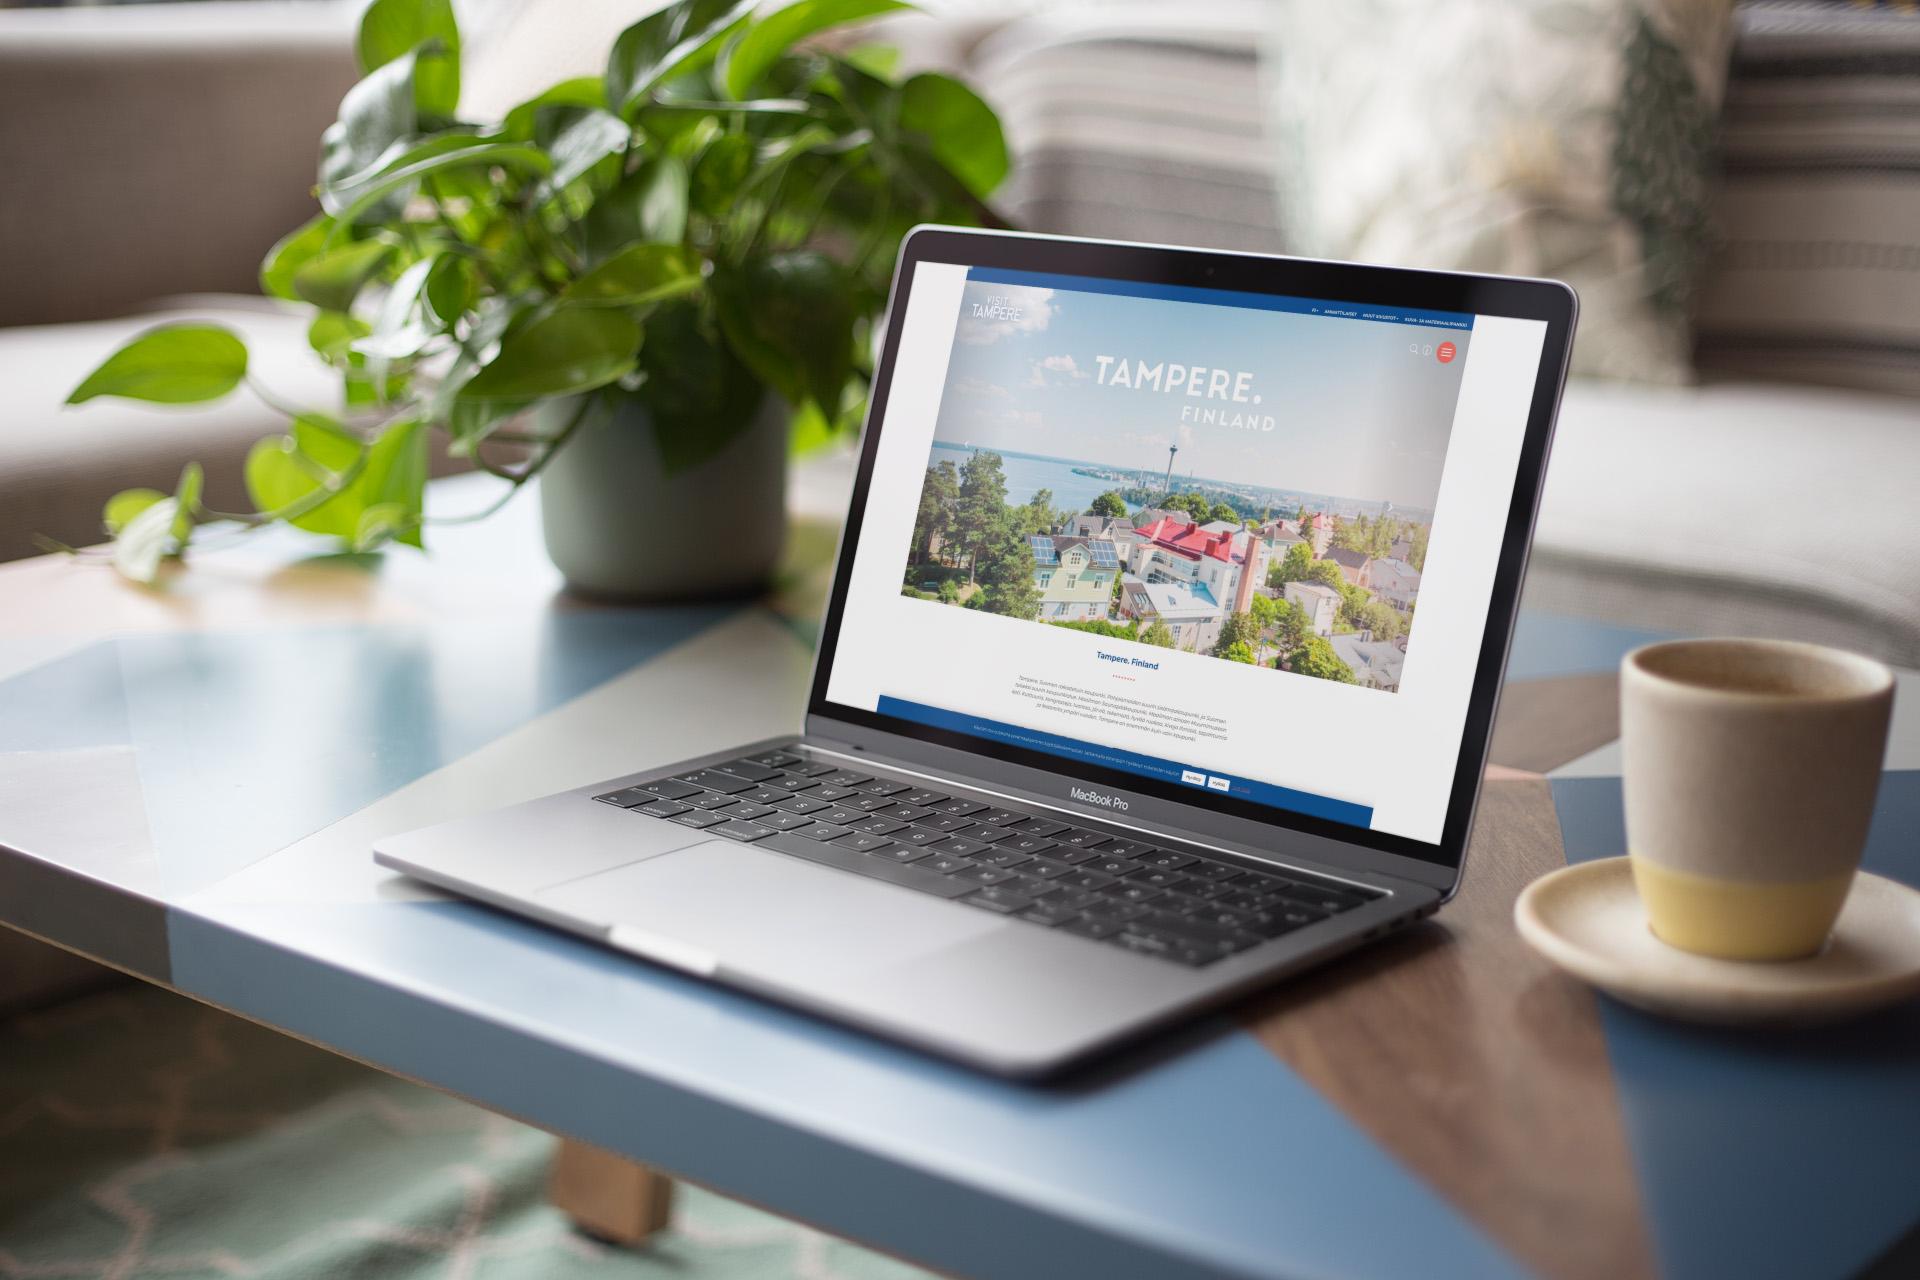 Visittampere.fi etusivu MacBook Pron näytöllä.